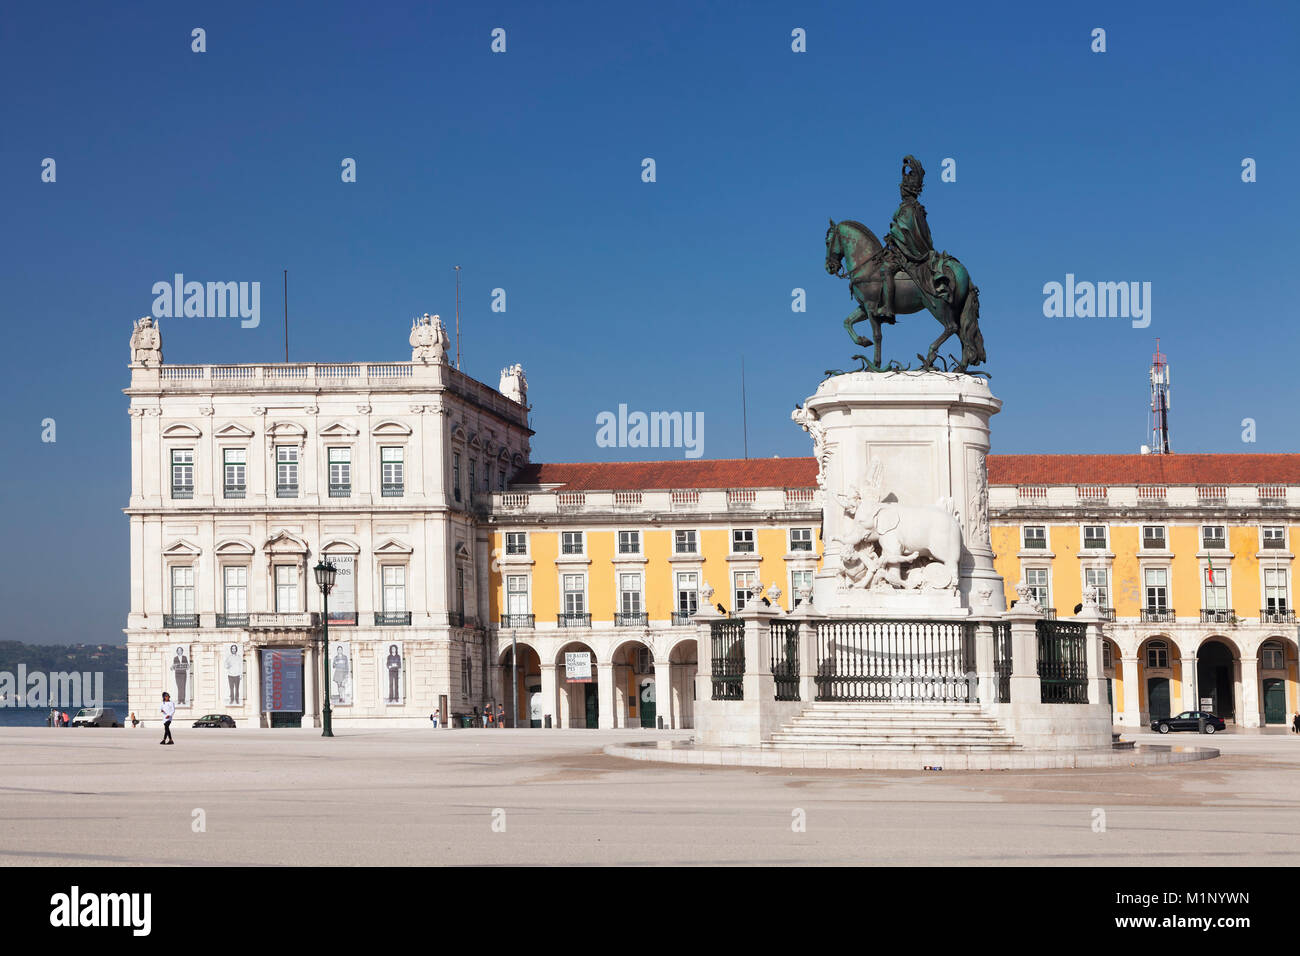 Praca do Comercio, monumento di Re Jose io, Baixa, Lisbona, Portogallo, Europa Immagini Stock